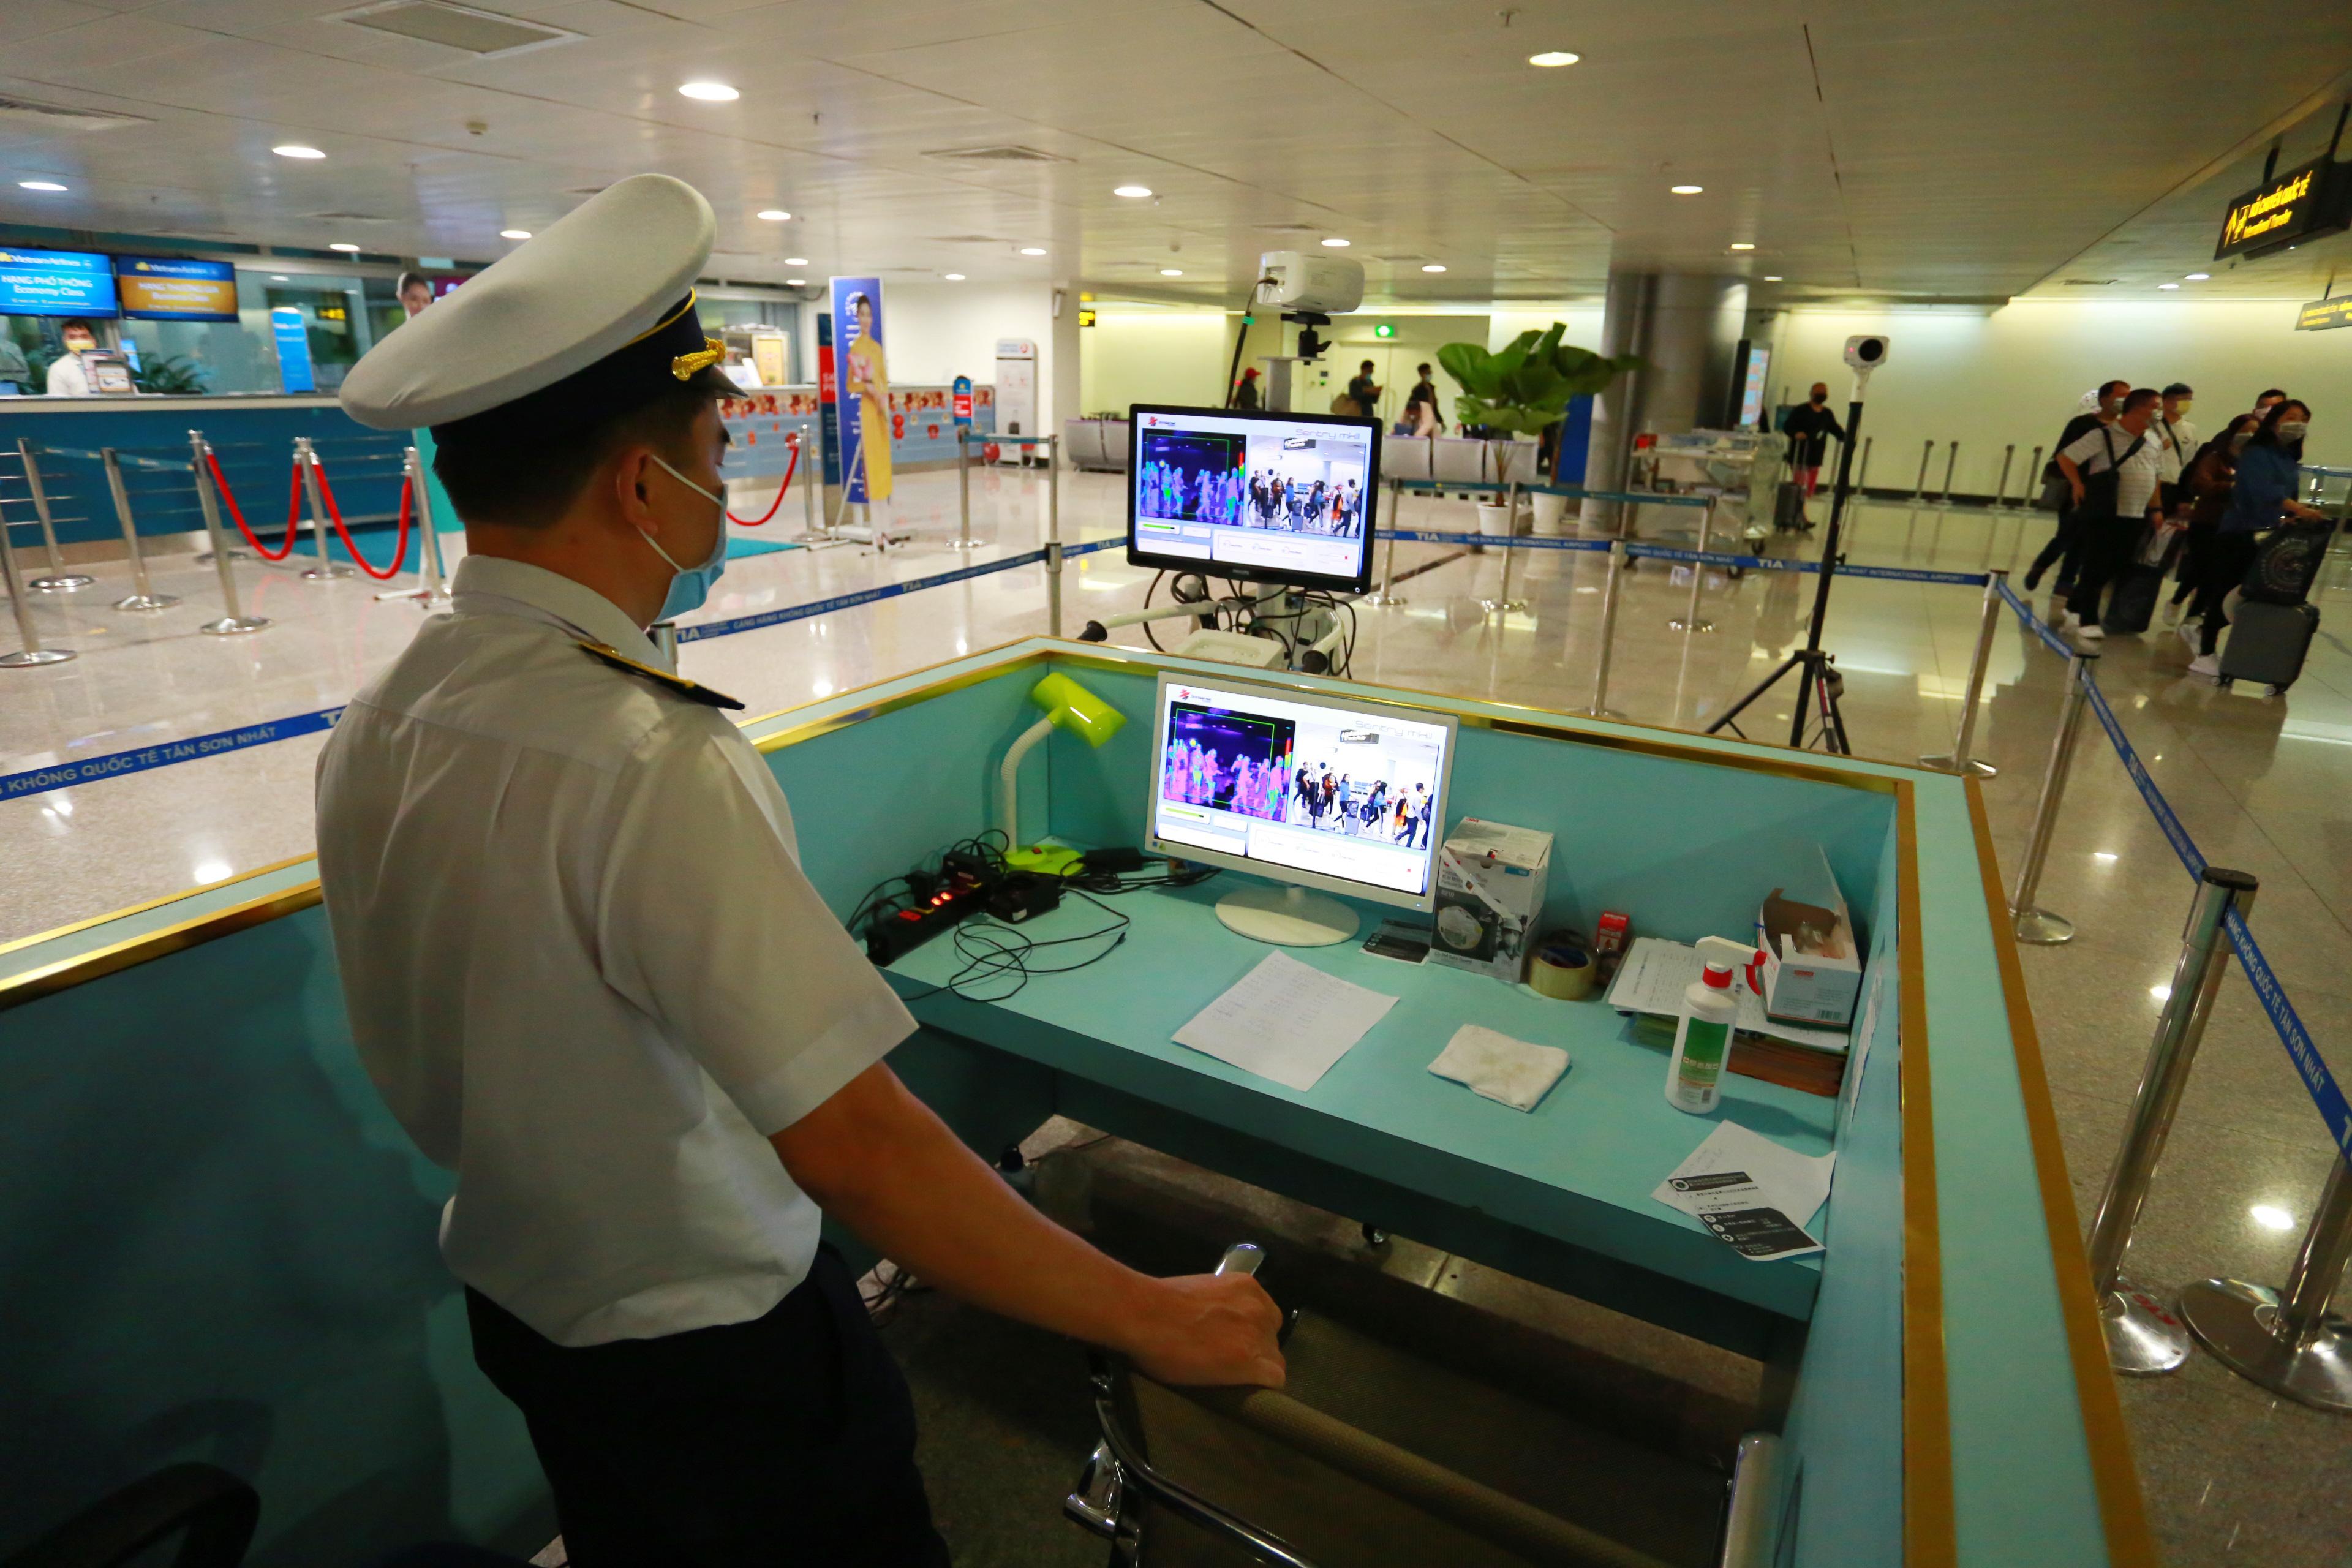 Các hành khách từ Hàn Quốc sau khi đáp xuống sân bay, sẽ phải đi qua khu vực máy chiếu thân nhiệt để kiểm tra sơ bộ. Sau đó, họ tới khu vực riêng để kiểm tra sức khoẻ y tế.